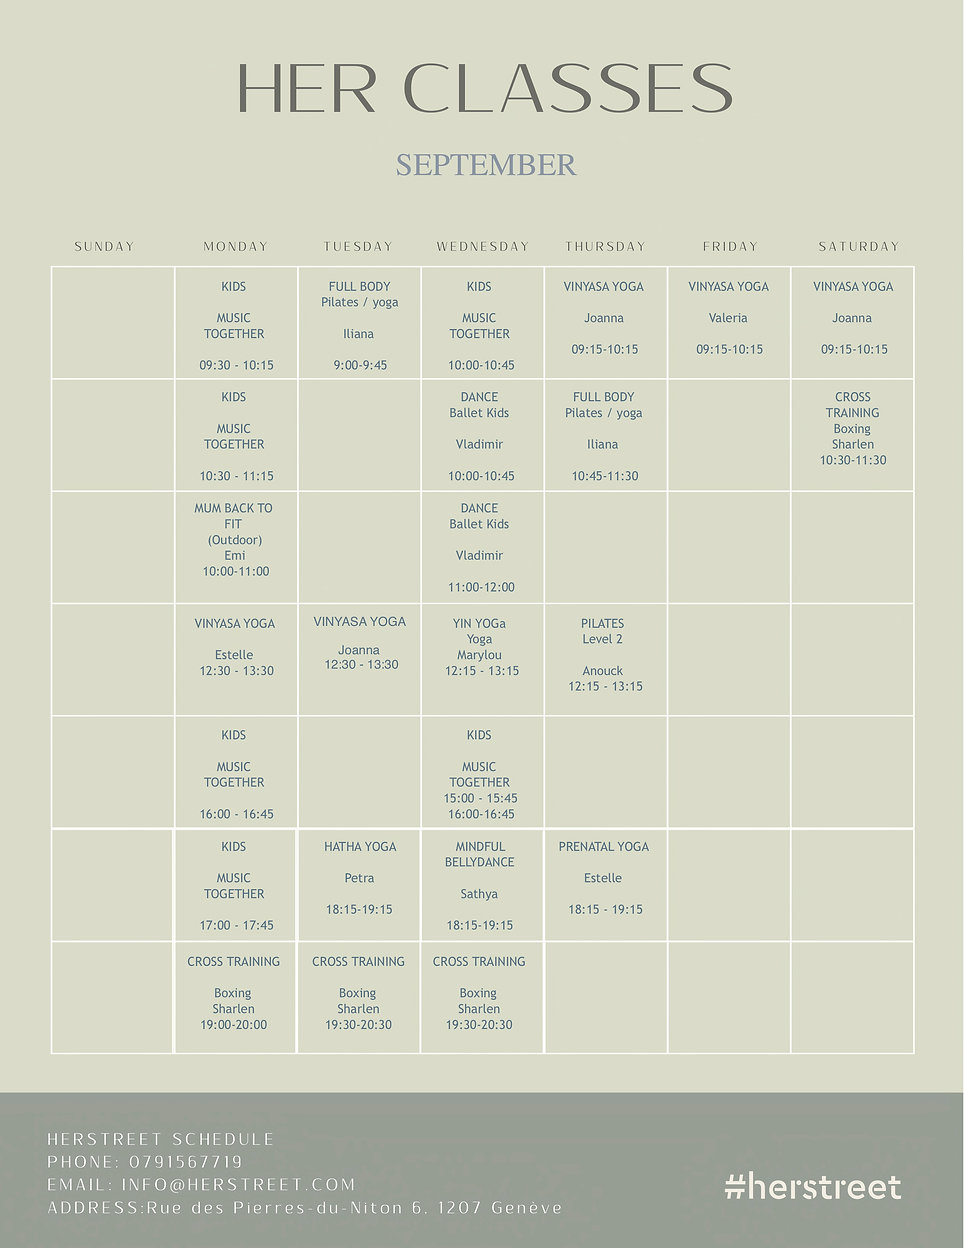 #herstreet_Her Classes Schedule_SEPT21.jp2